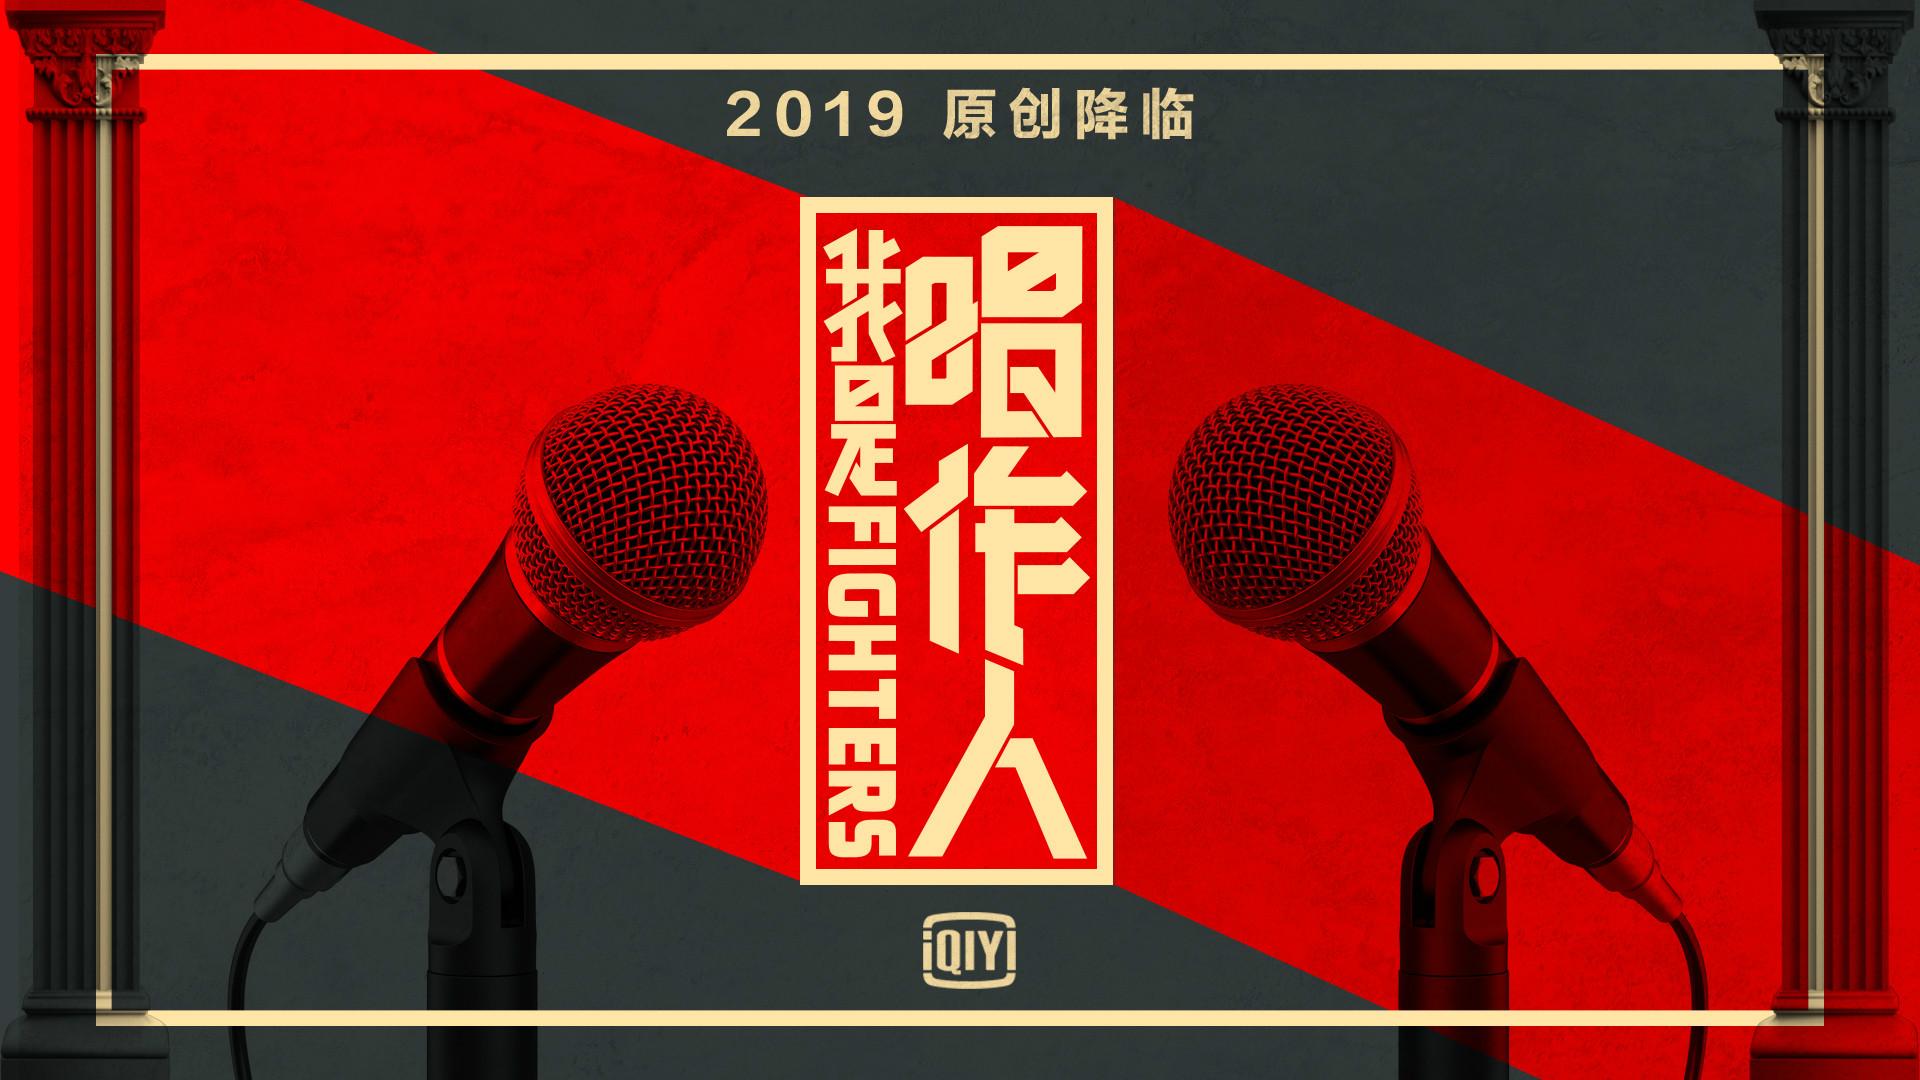 《我是唱作人》重磅官宣 助力挖掘原唱音乐文化_娱乐频道_中国青年网